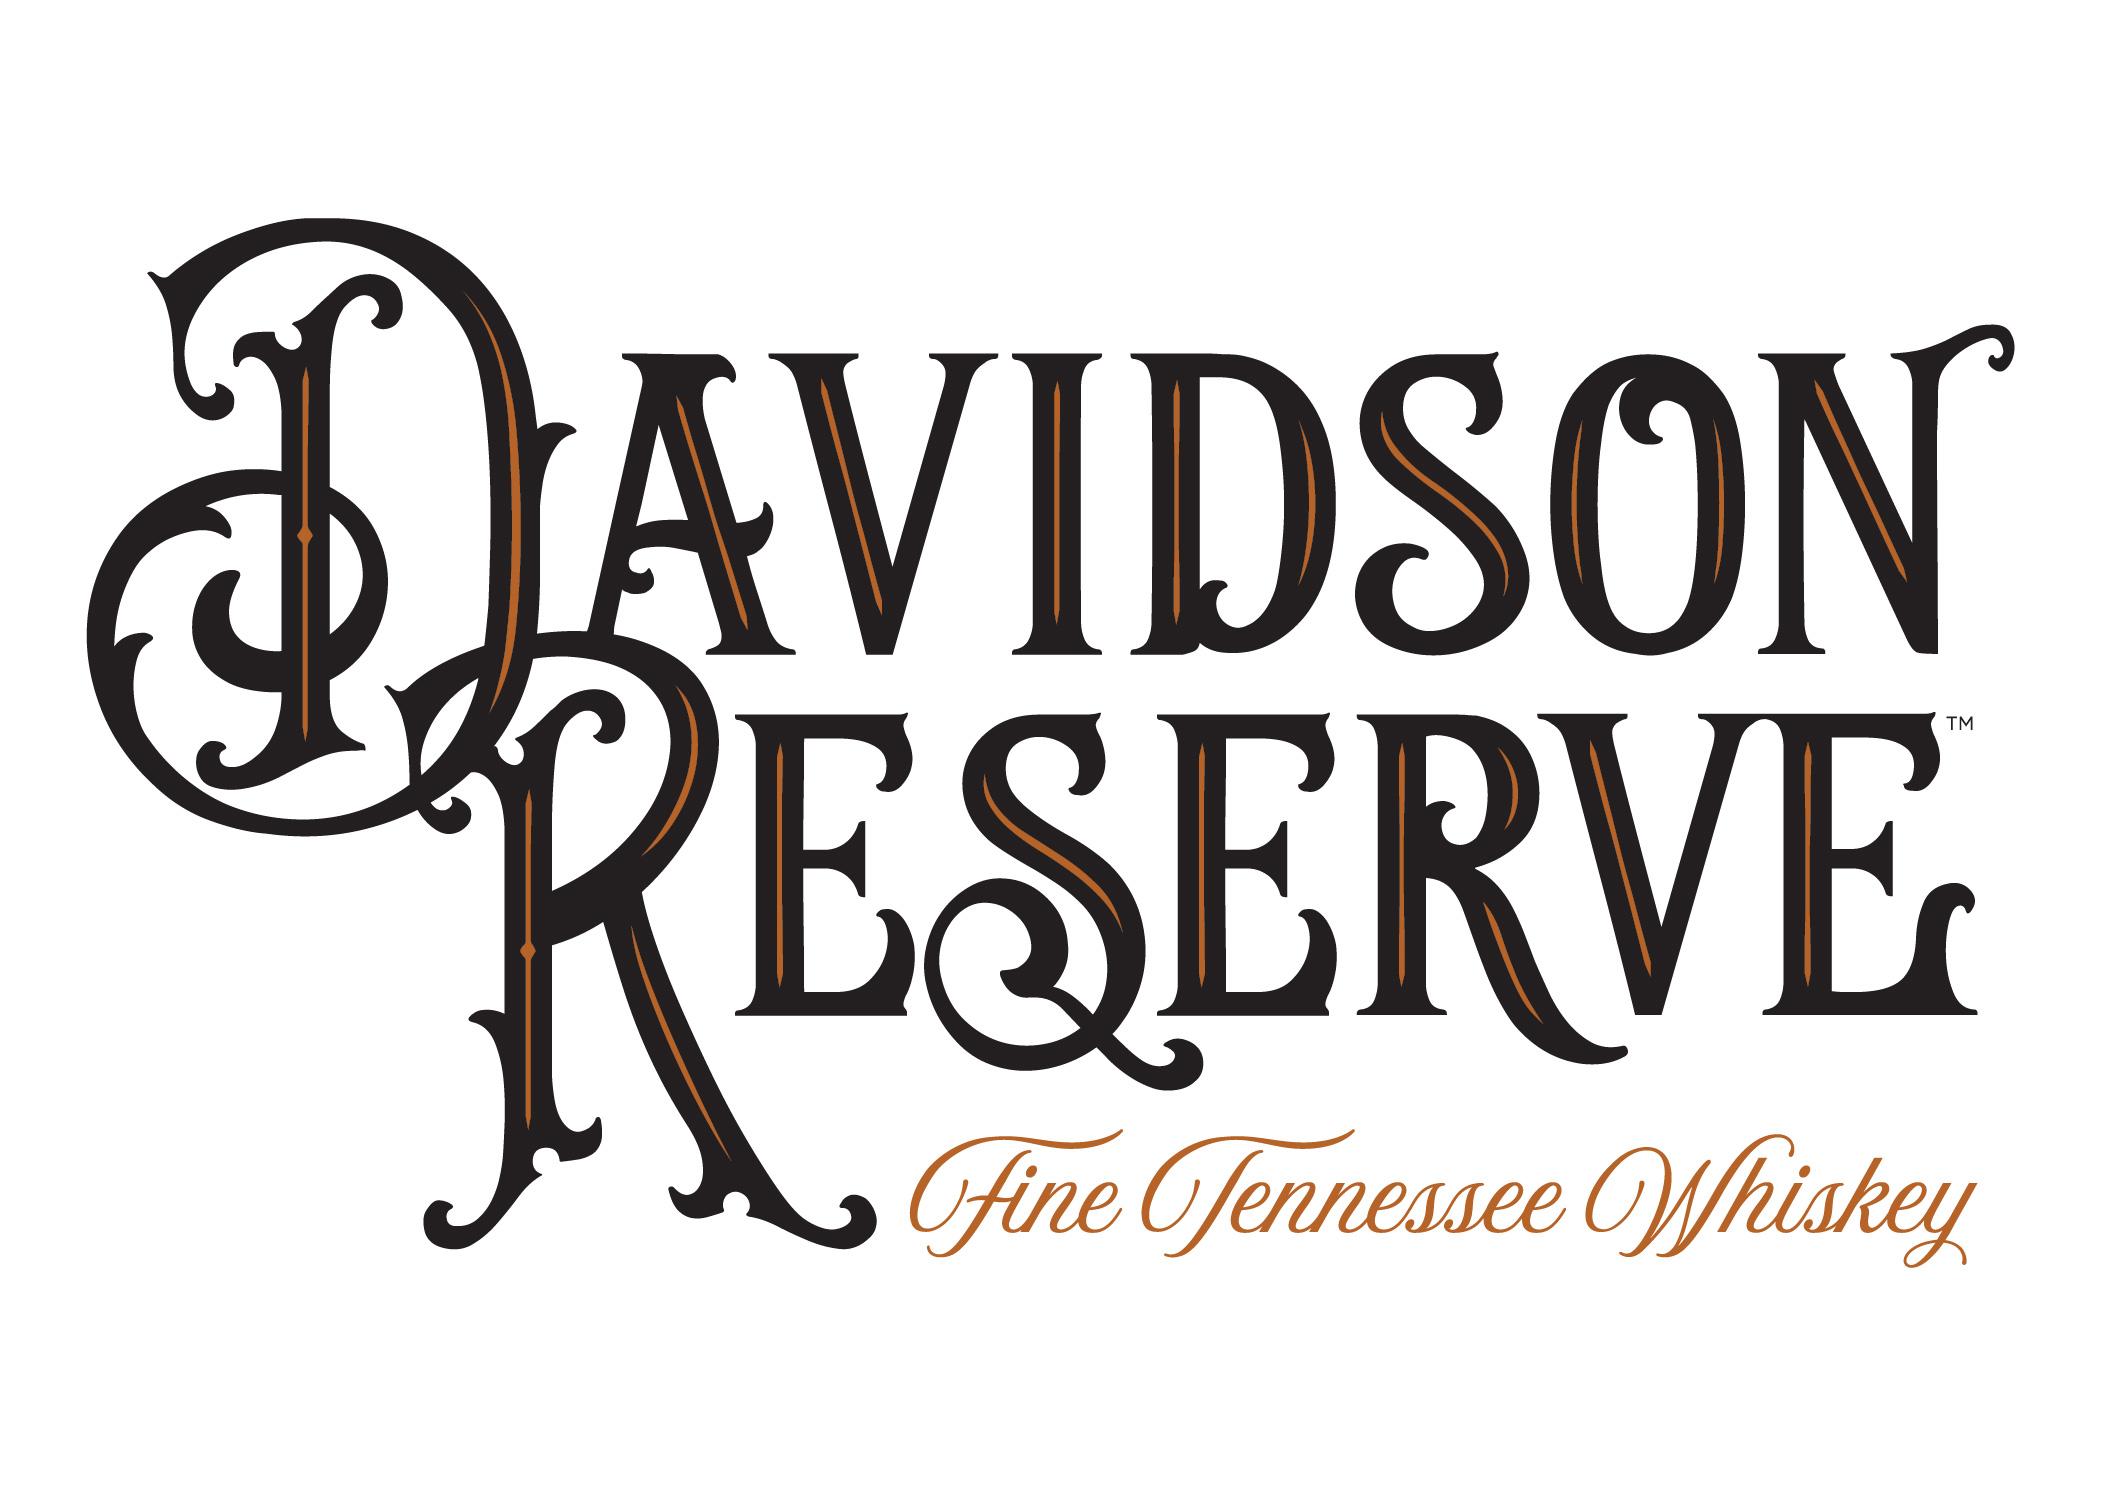 Davidson ReserveFTW-07.jpg